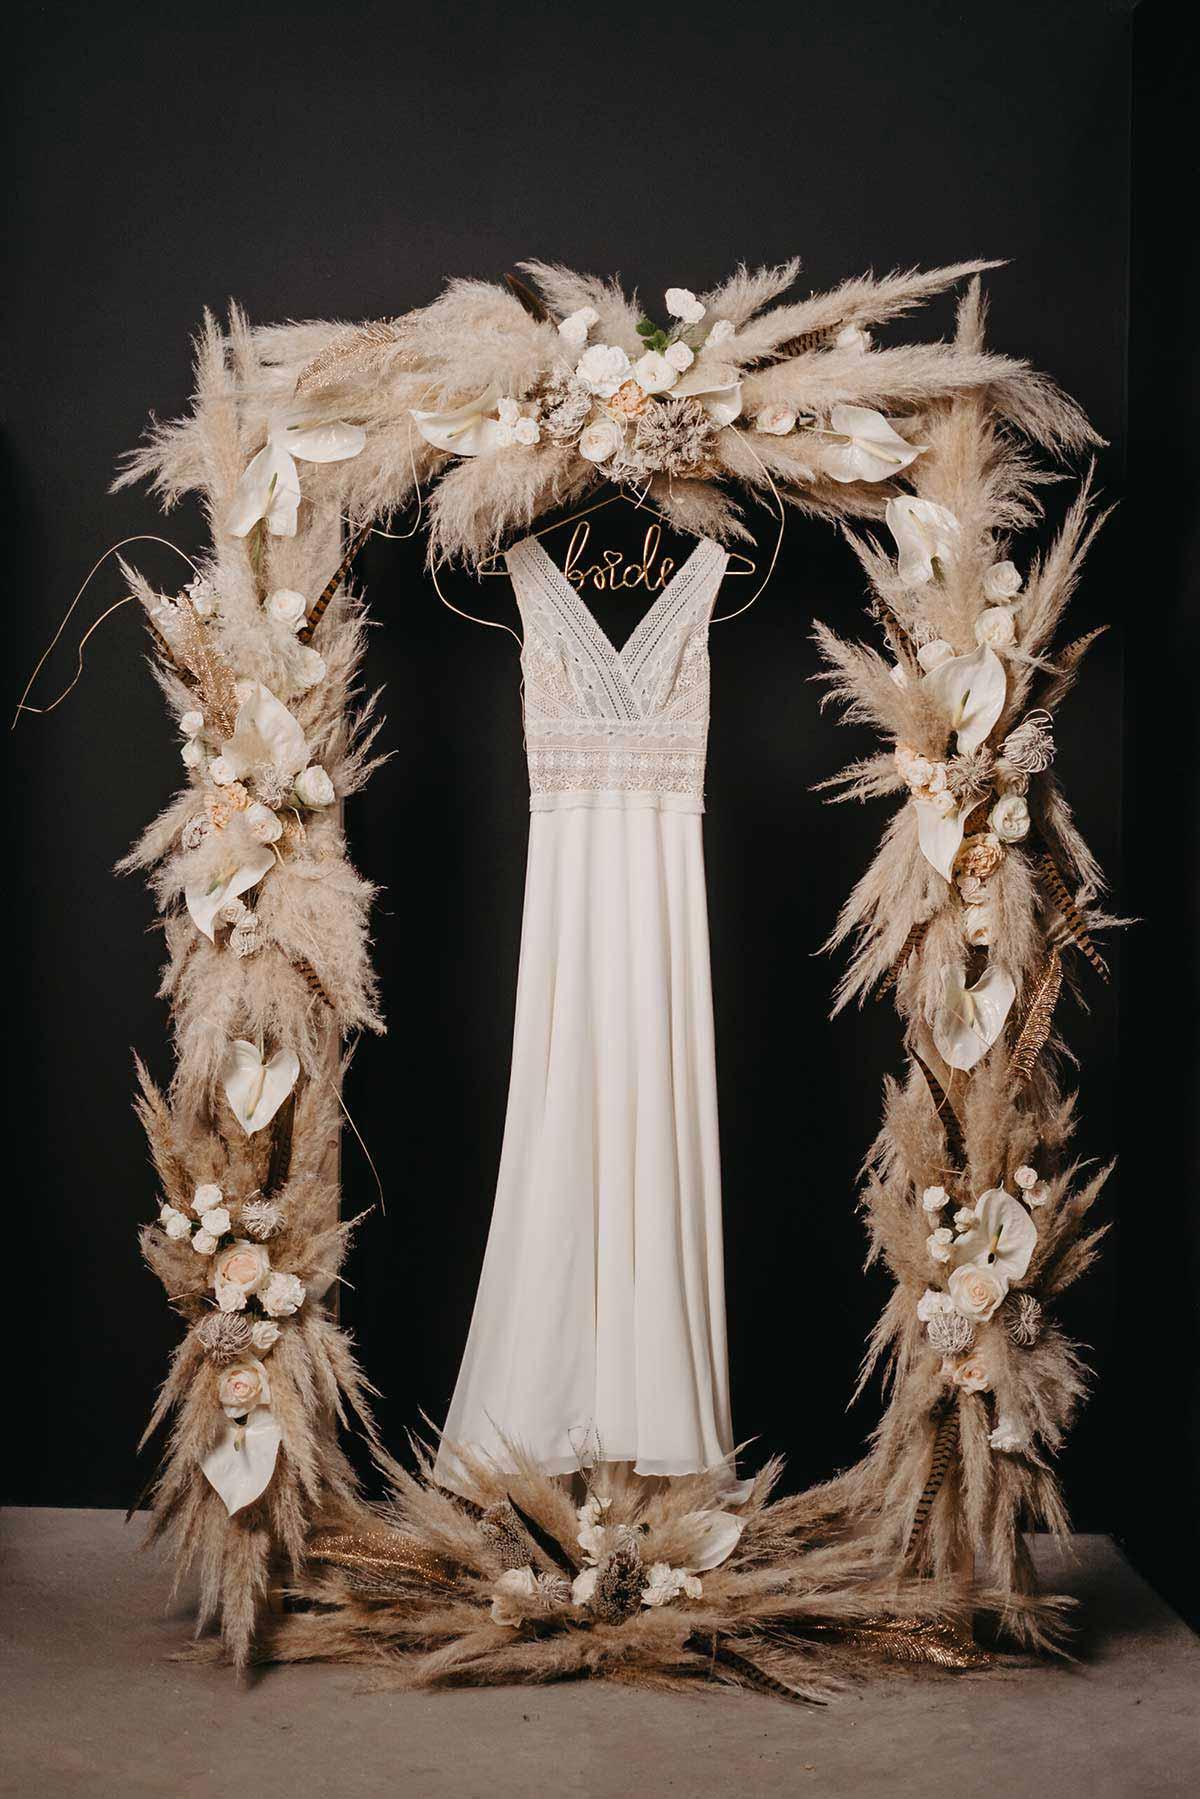 Traubogen bei der Hochzeit mit Trockenblumen